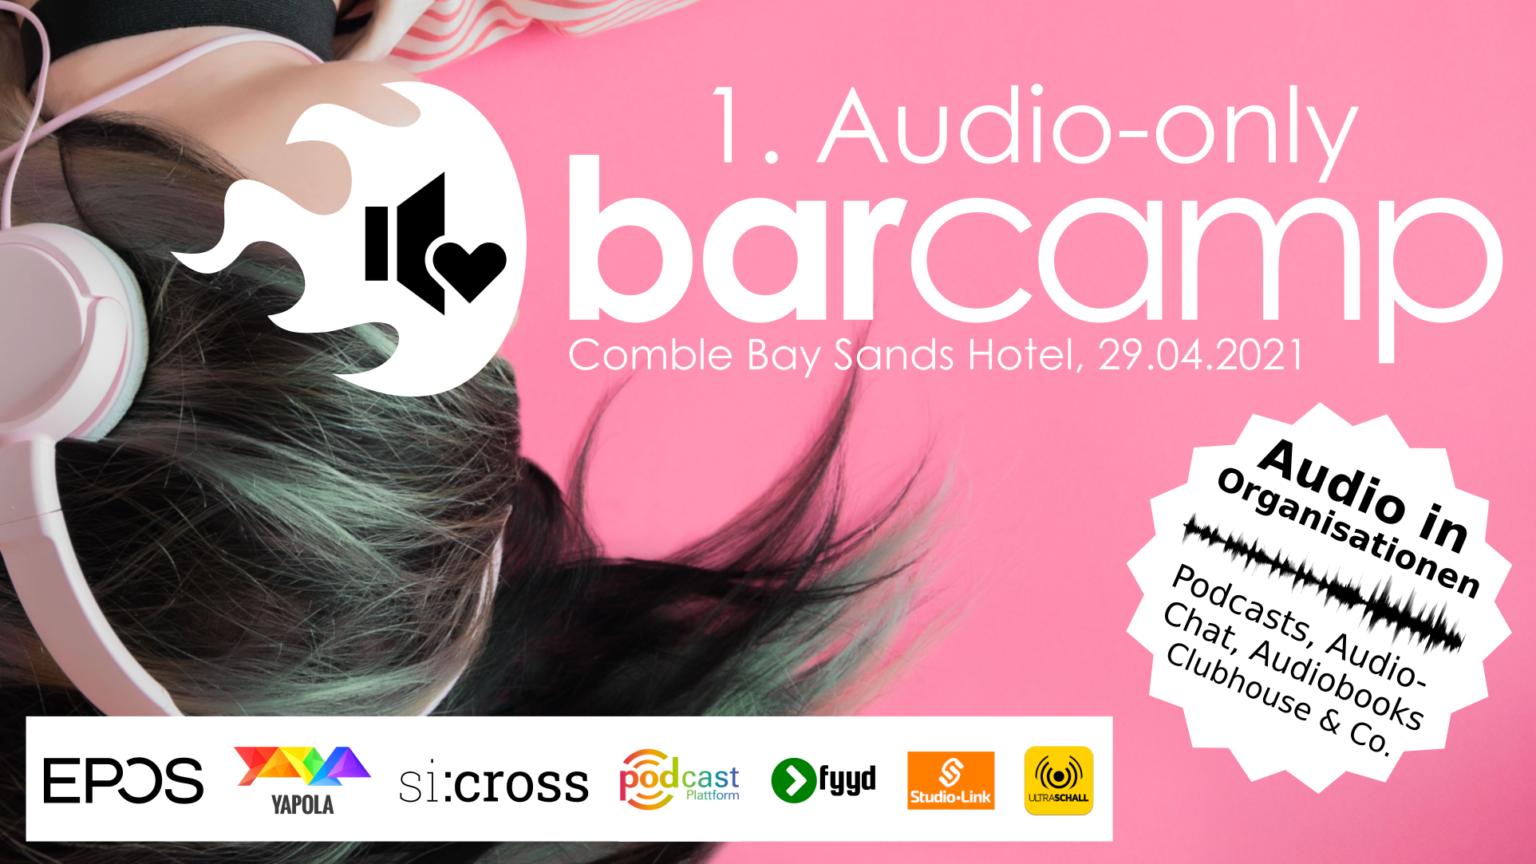 Wir von Podcast Plattform unterstützen das erste Audio-only BarCamp 2021